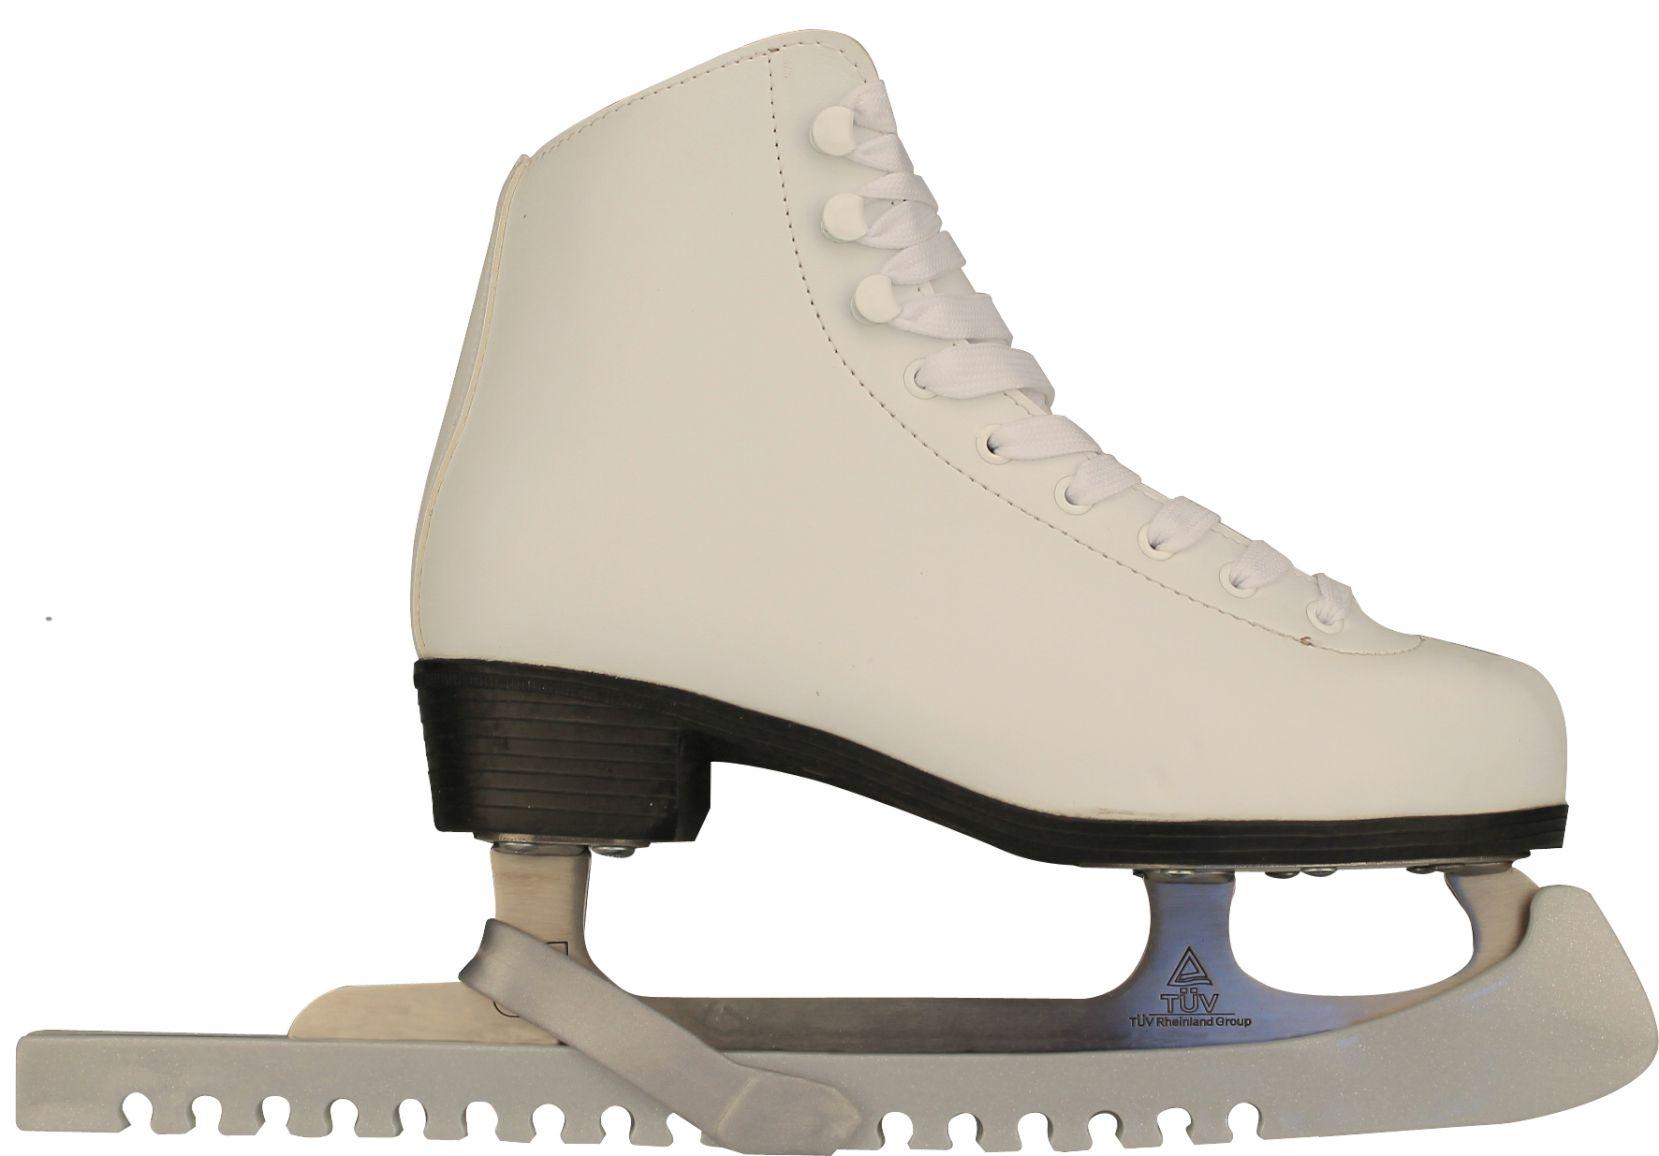 Schaatsbeschermer • IJshockey/Kunstschaats •